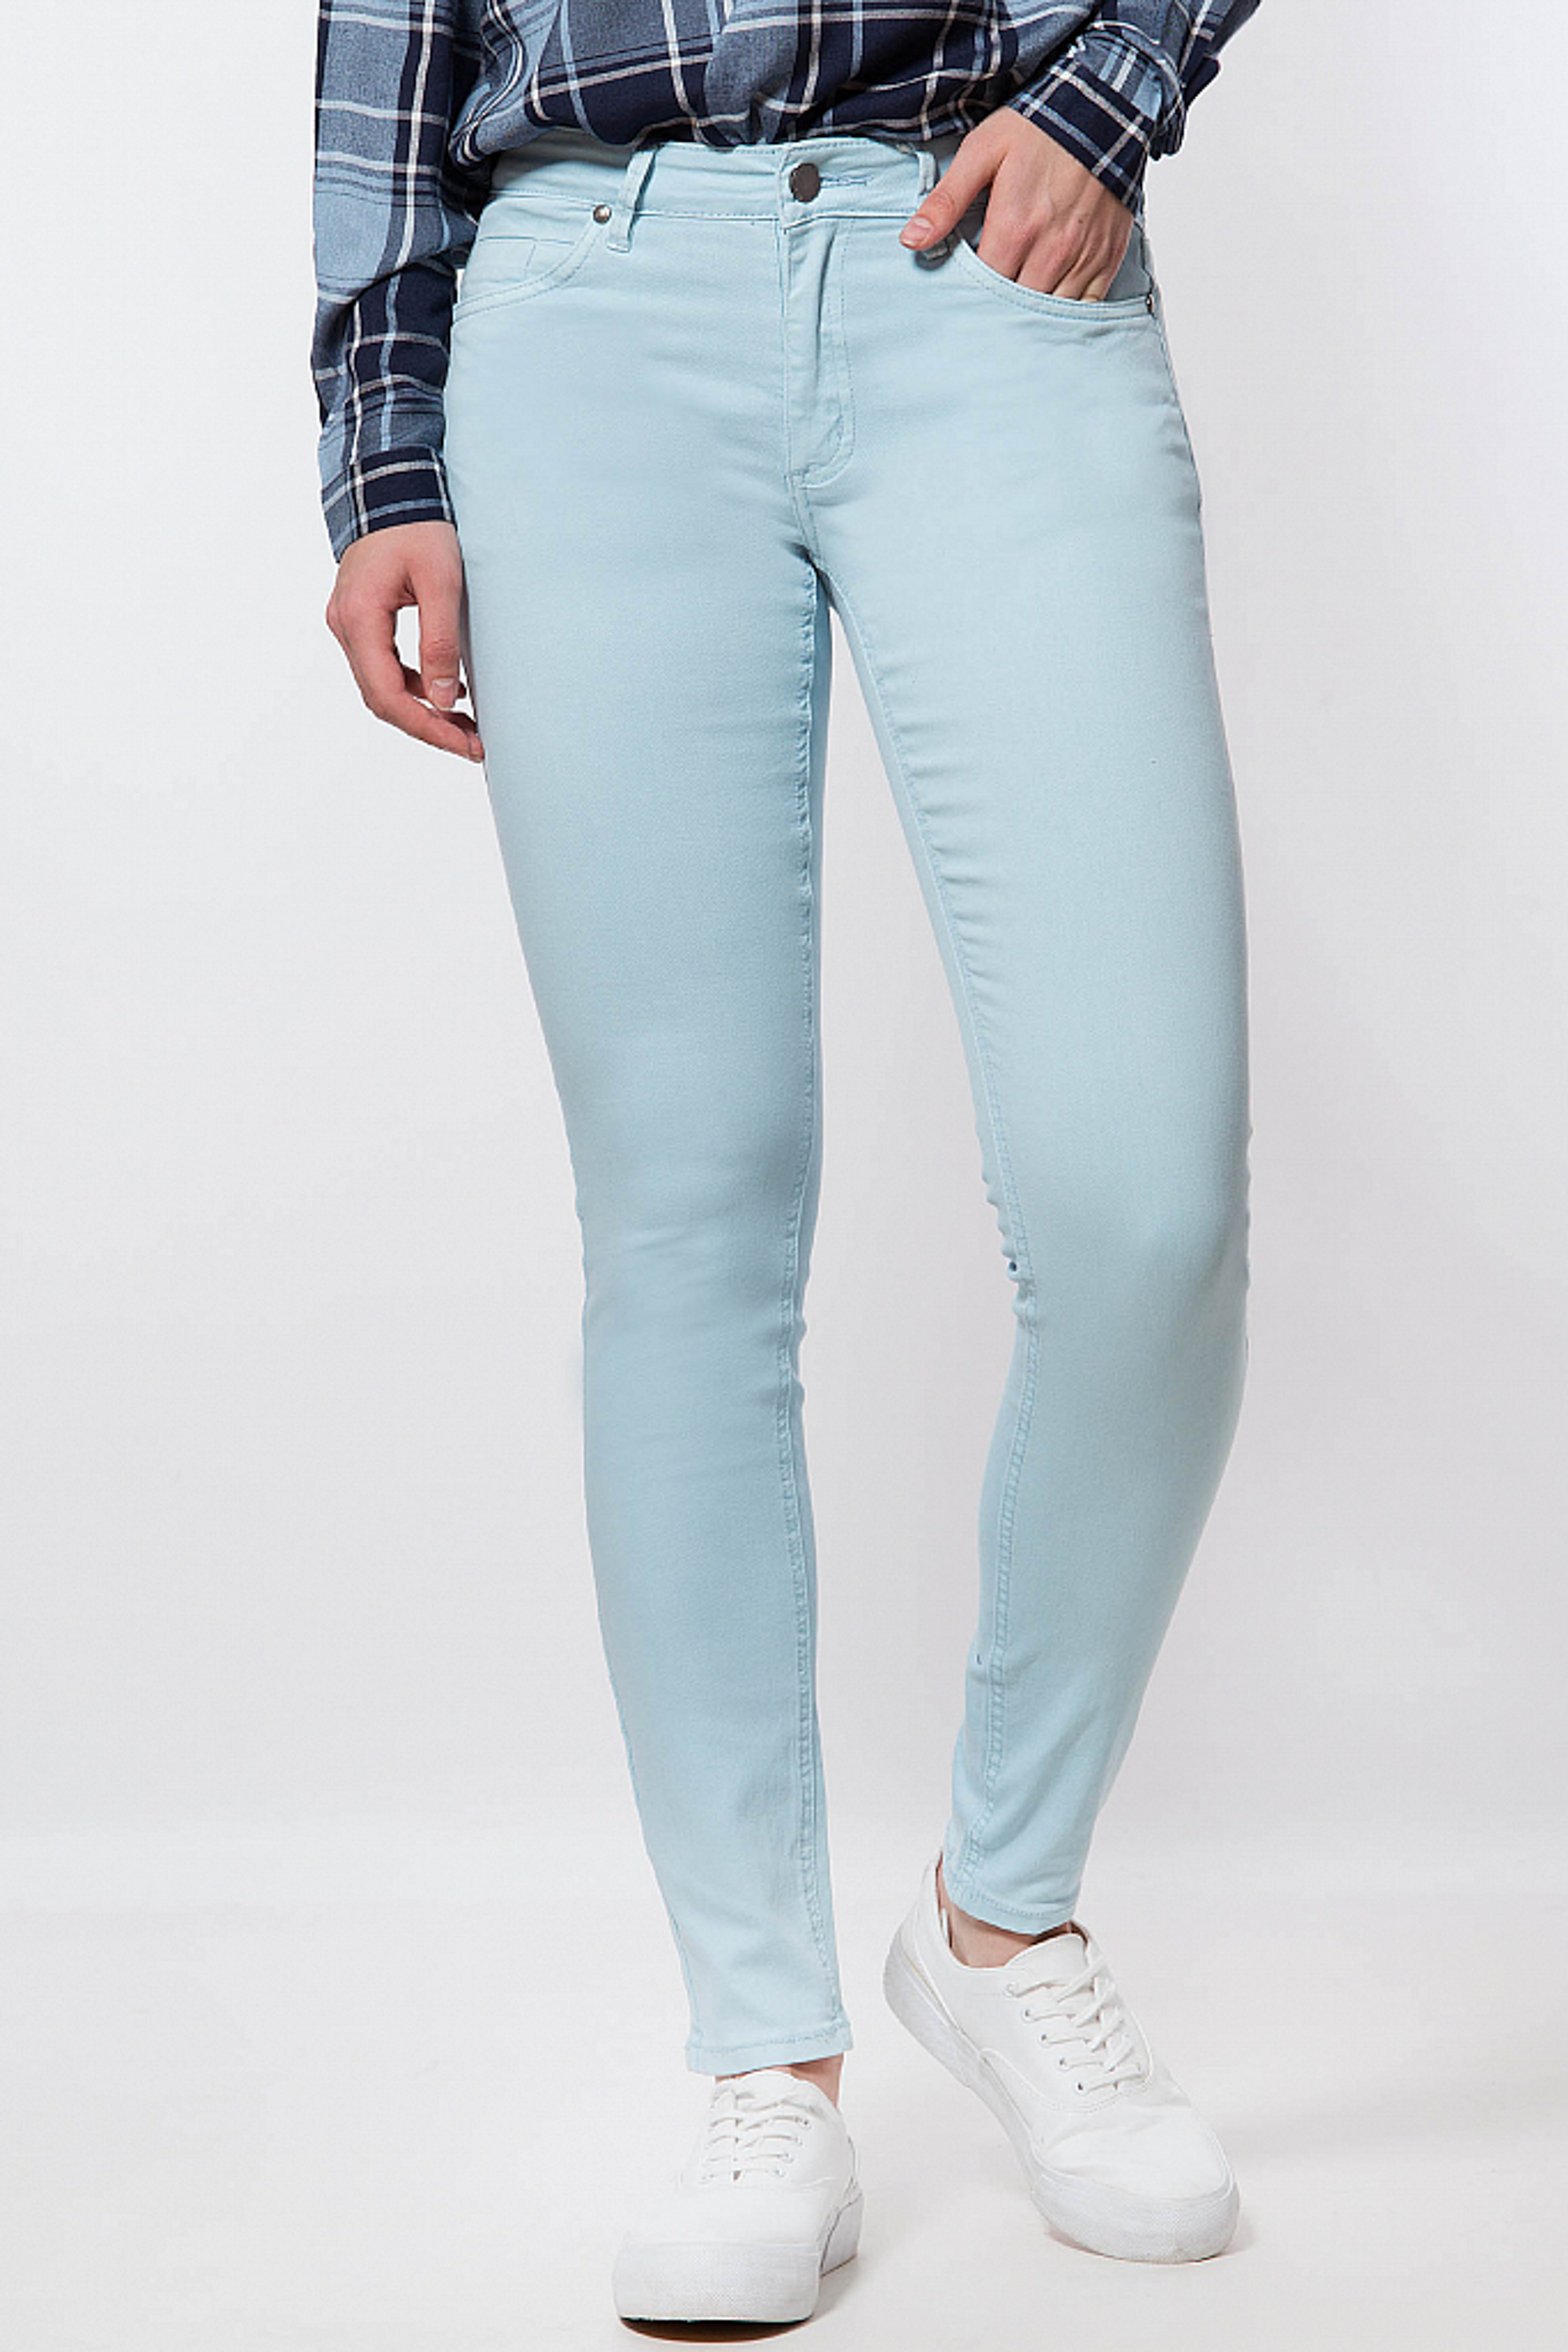 Фото 2 - Джинсы женские светло-голубого цвета